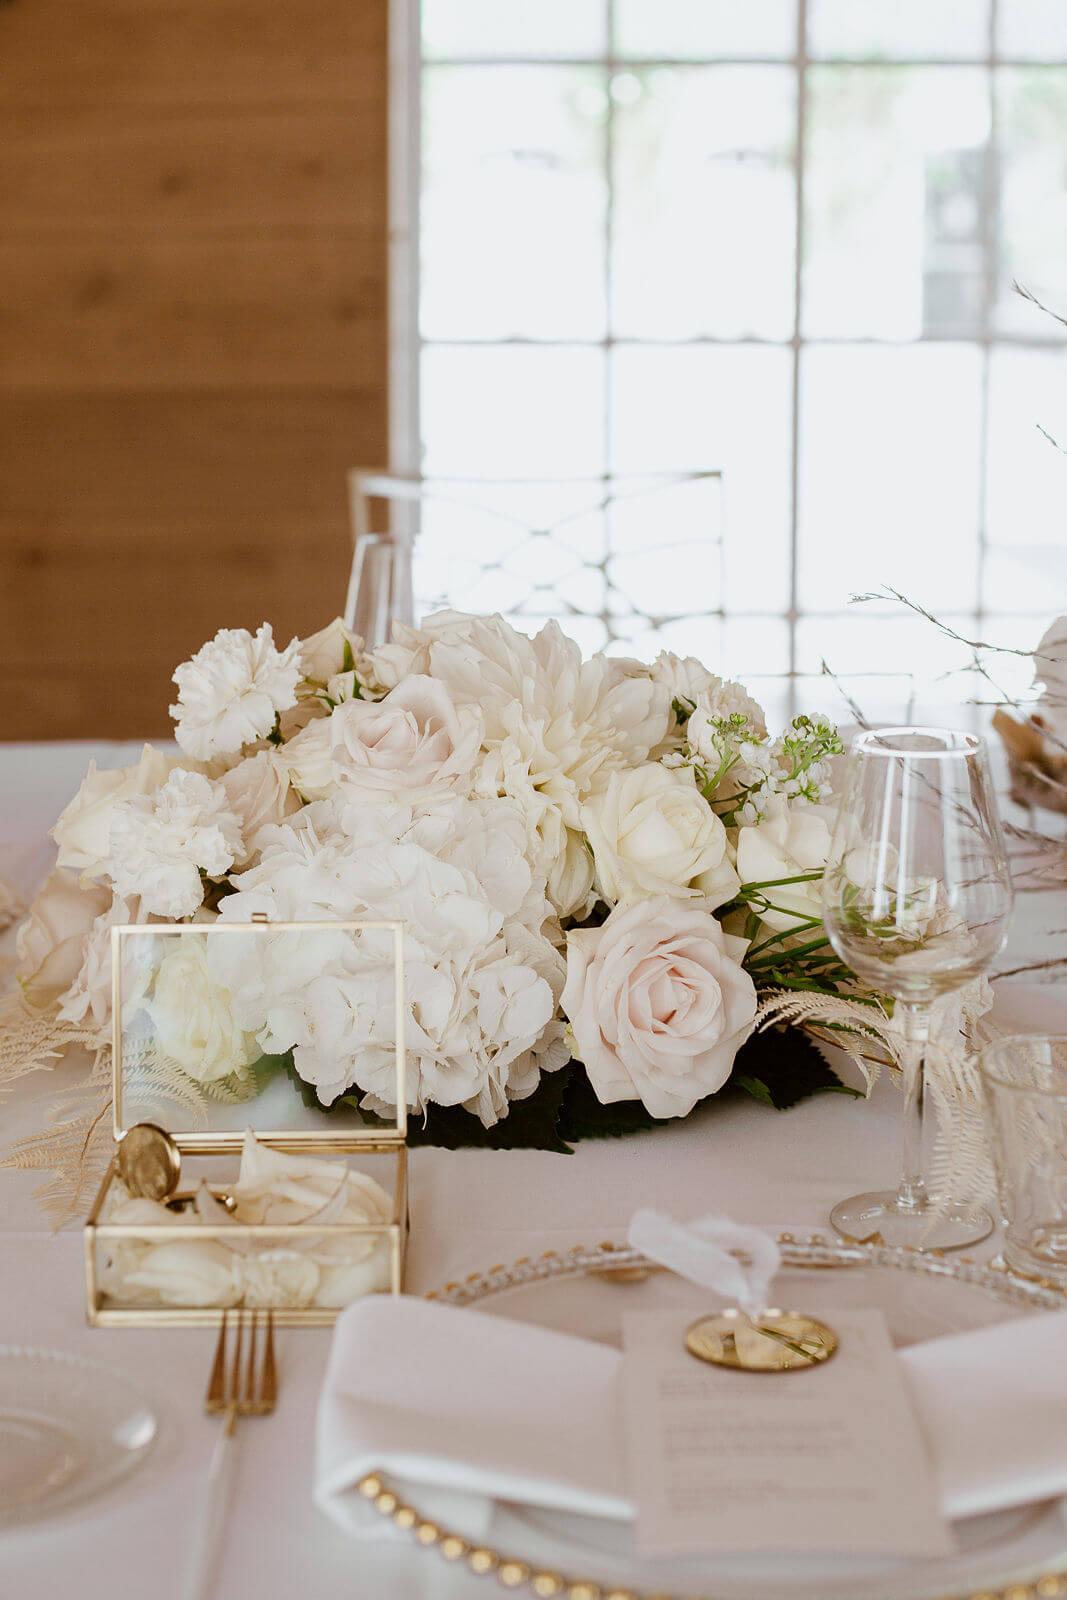 Rosenbouquet Hochzeitstisch – gesehen bei frauimmer-herrewig.de